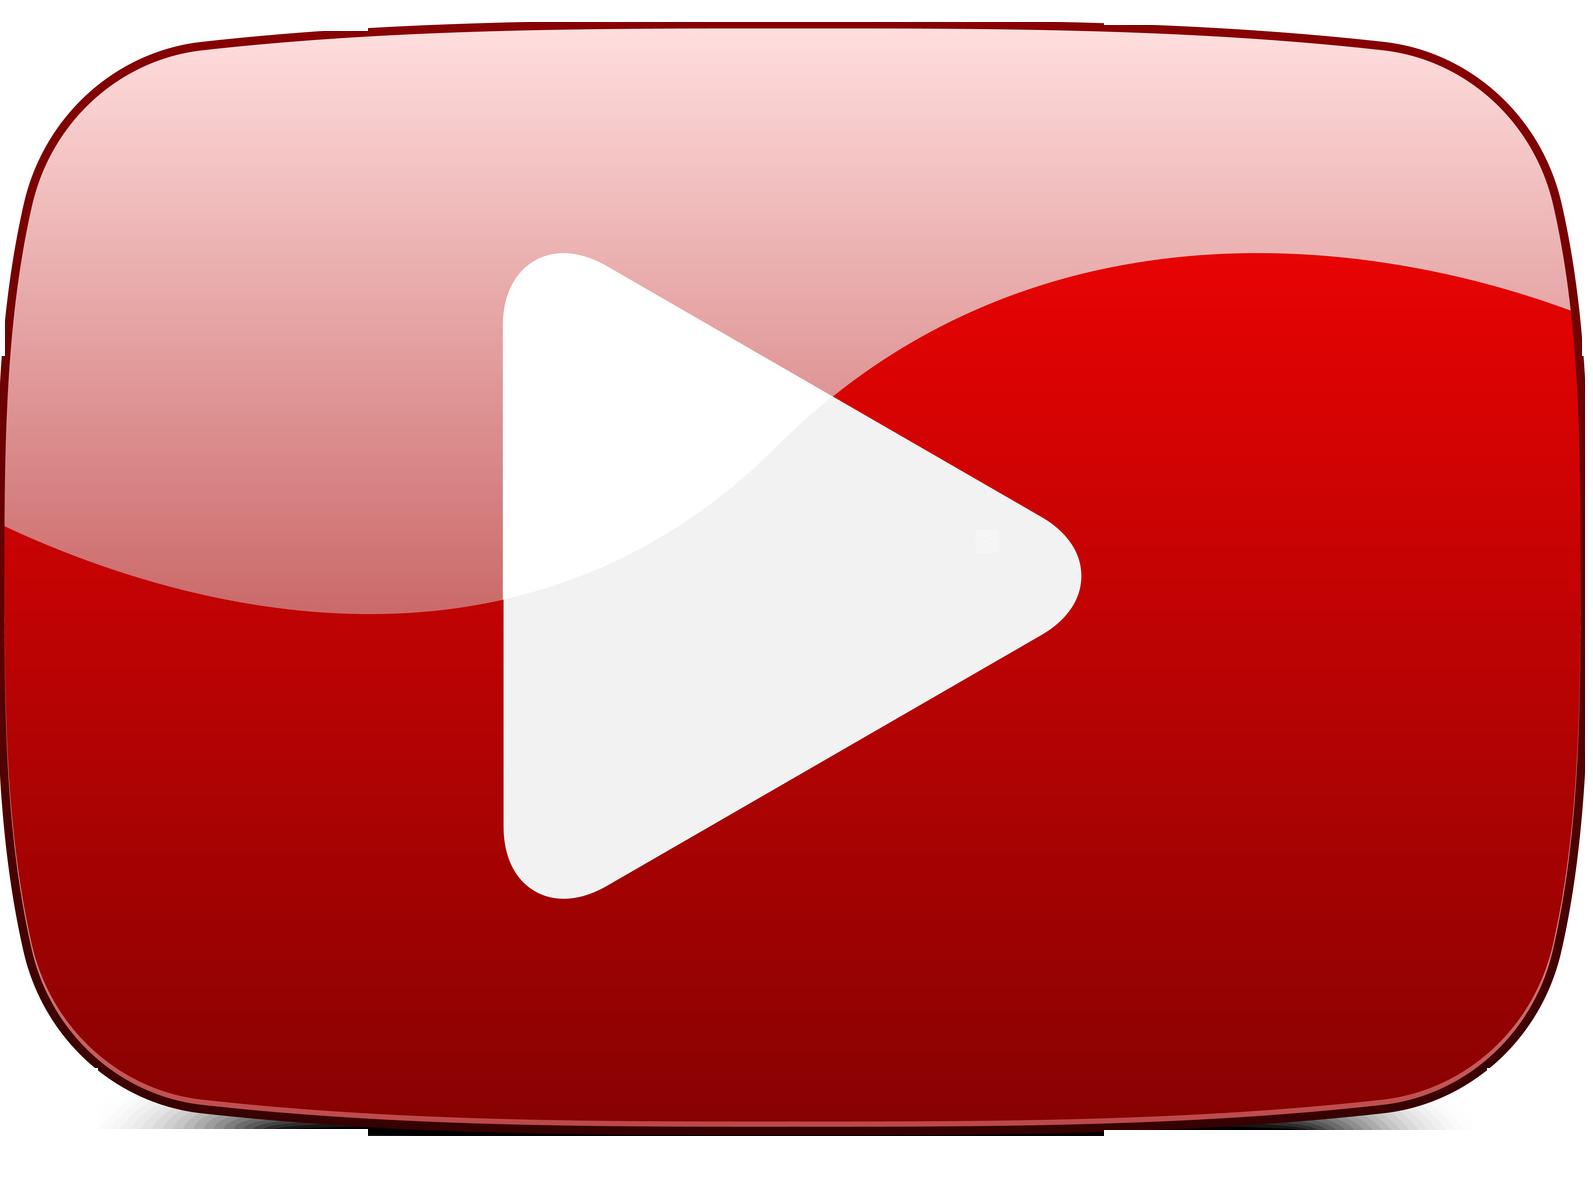 Как сделать на видео в ютуб кнопку «Подписаться» активной и зачем она нужна 14